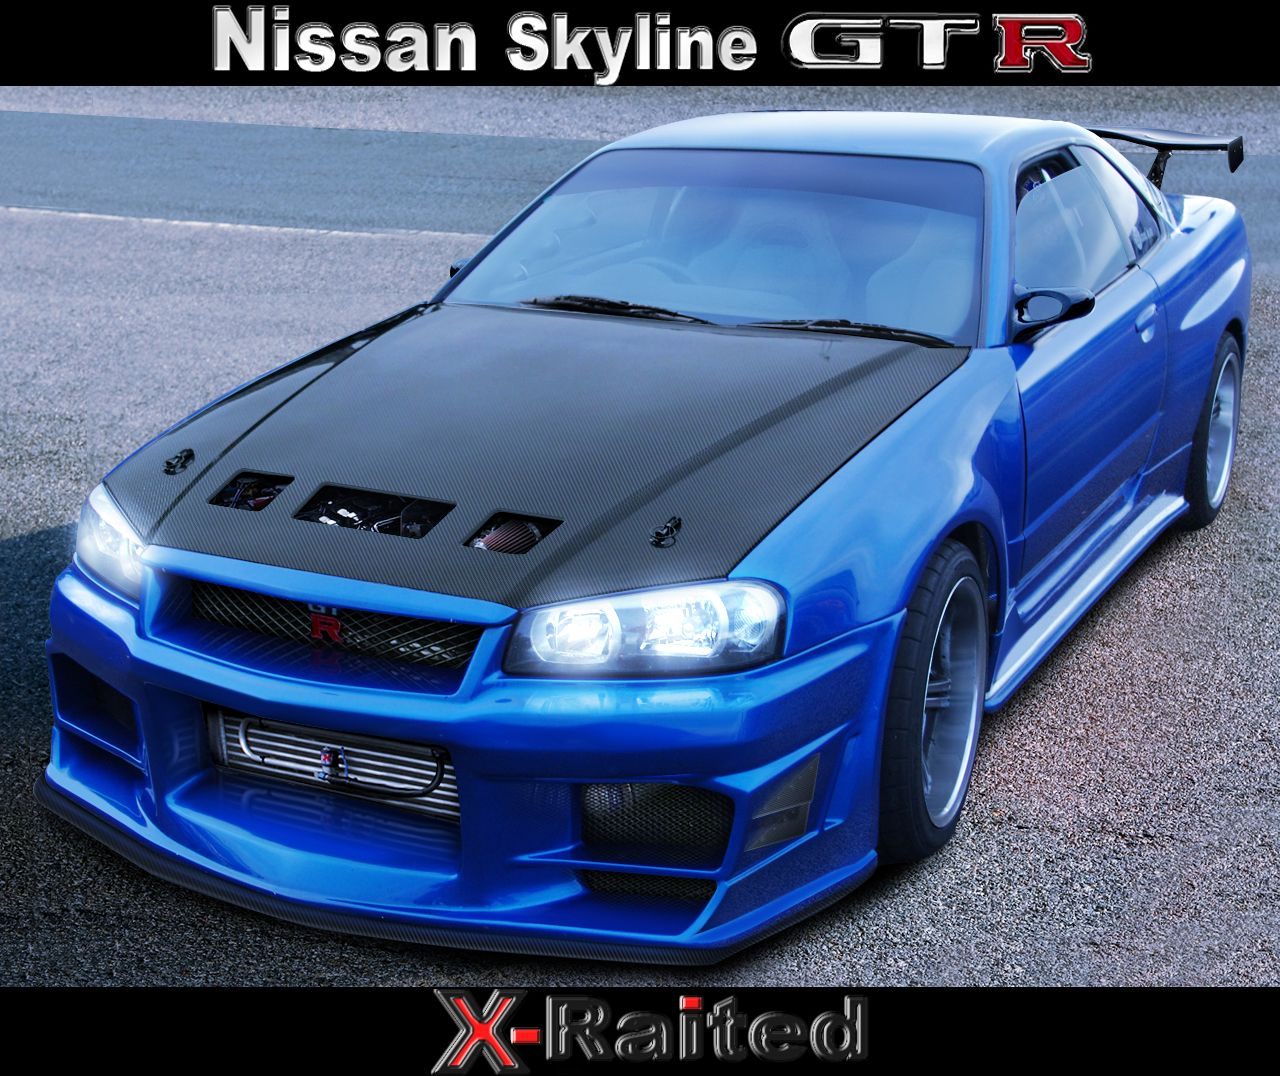 Nissan Skyline Gtr R34 El GT R R34 Fue Vendido En El Mercado Japonés Desde